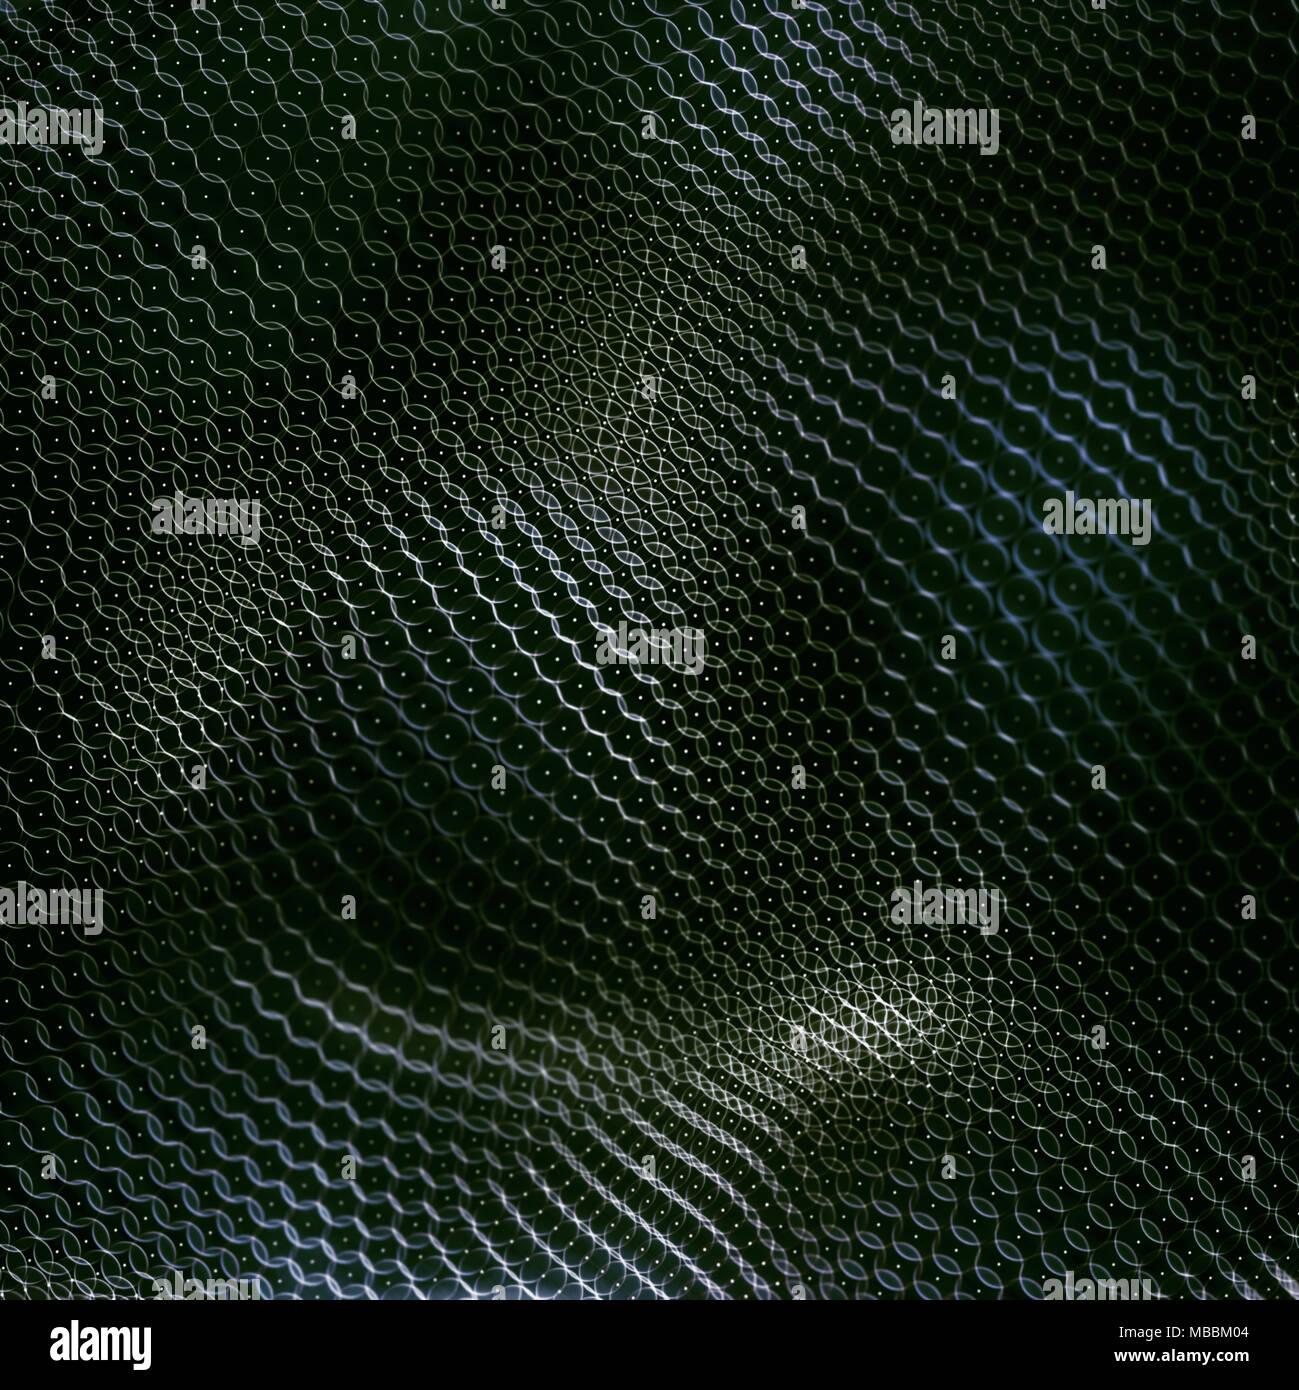 3D illustration. Résumé fond de cercles imbriqués et united sous la forme d'une maille souple. Photo Stock